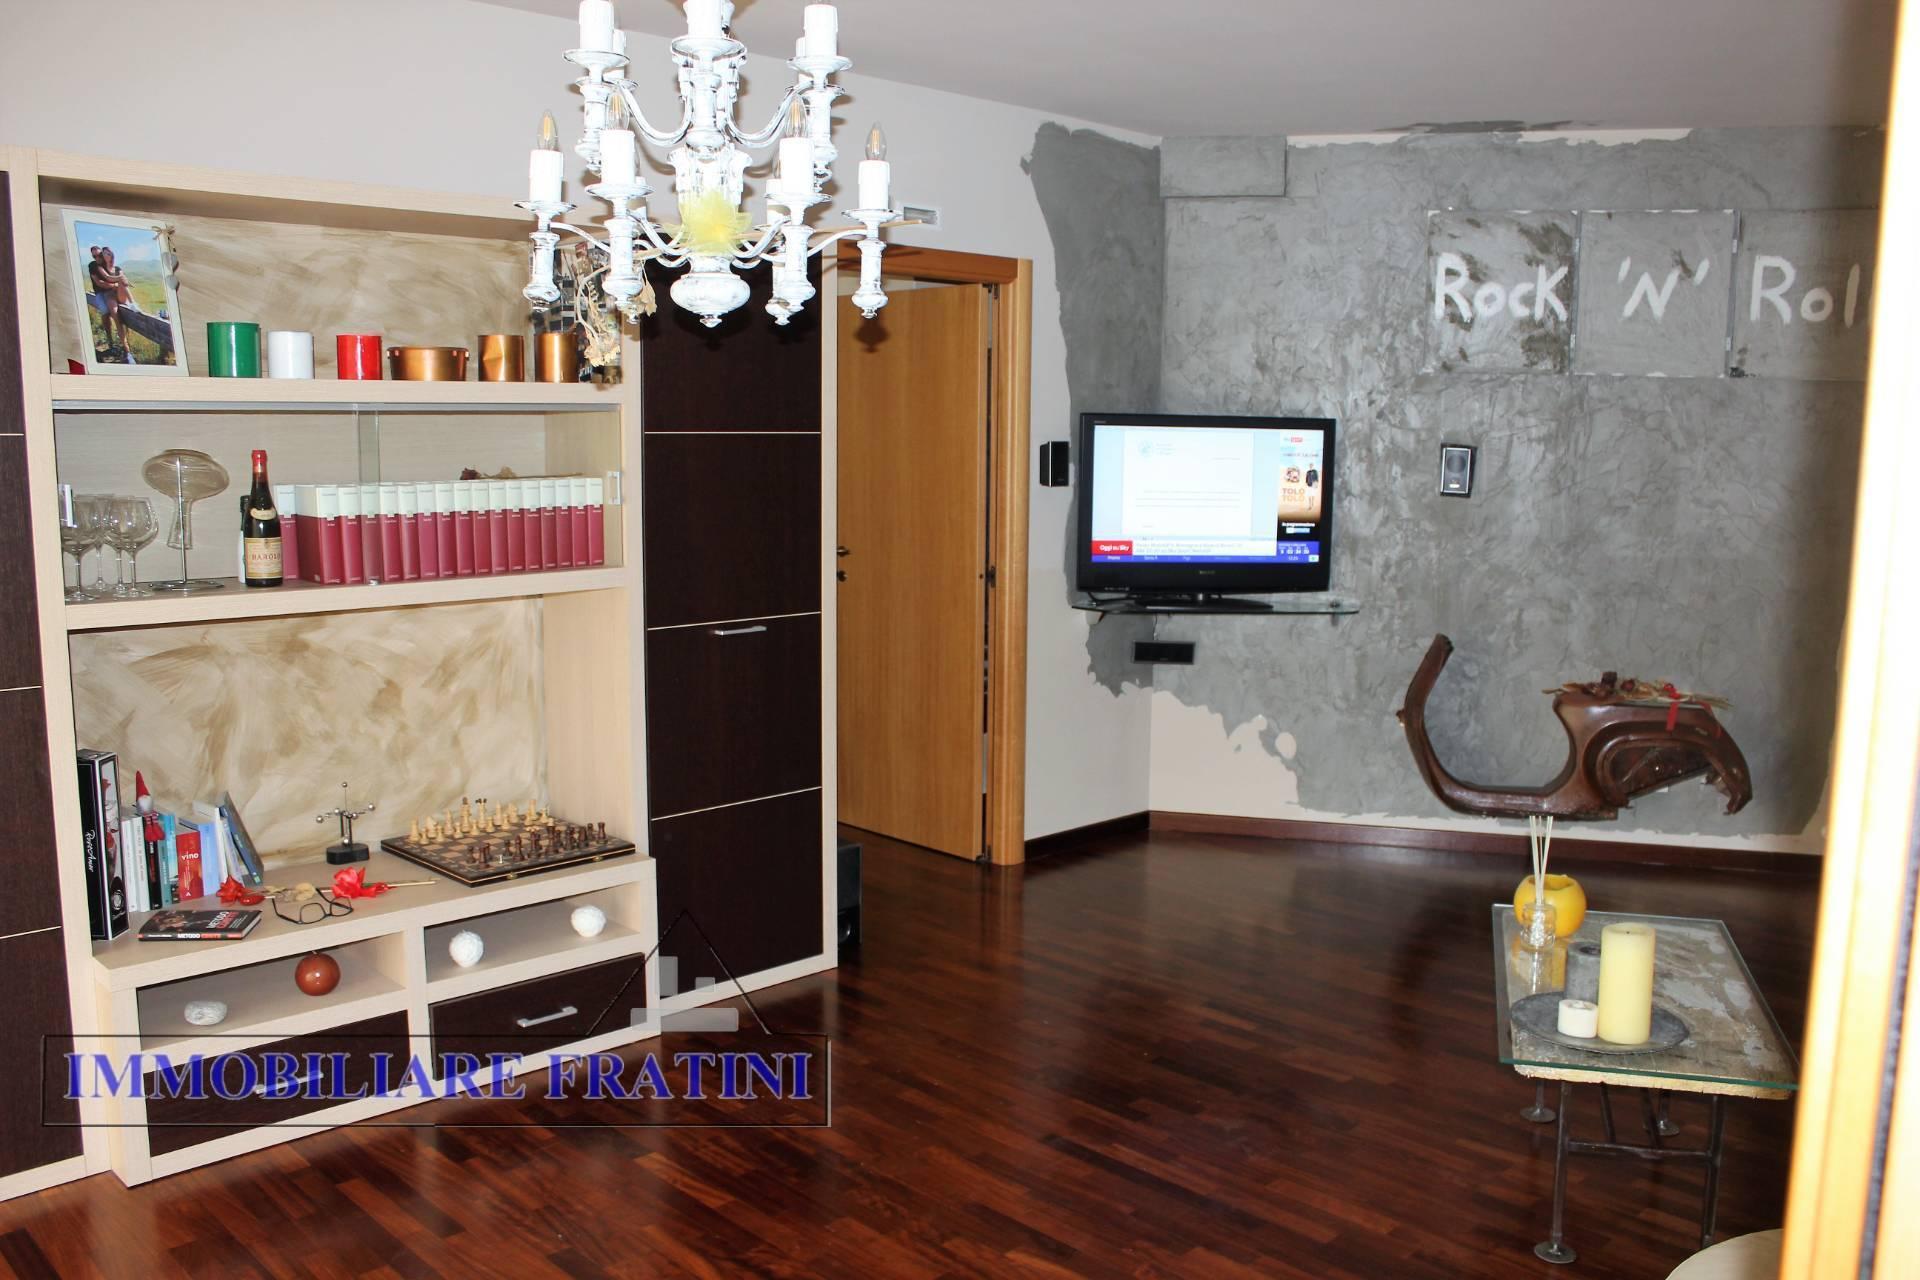 Appartamento in vendita a Castorano, 5 locali, zona Località: SanSilvestro, prezzo € 150.000 | PortaleAgenzieImmobiliari.it